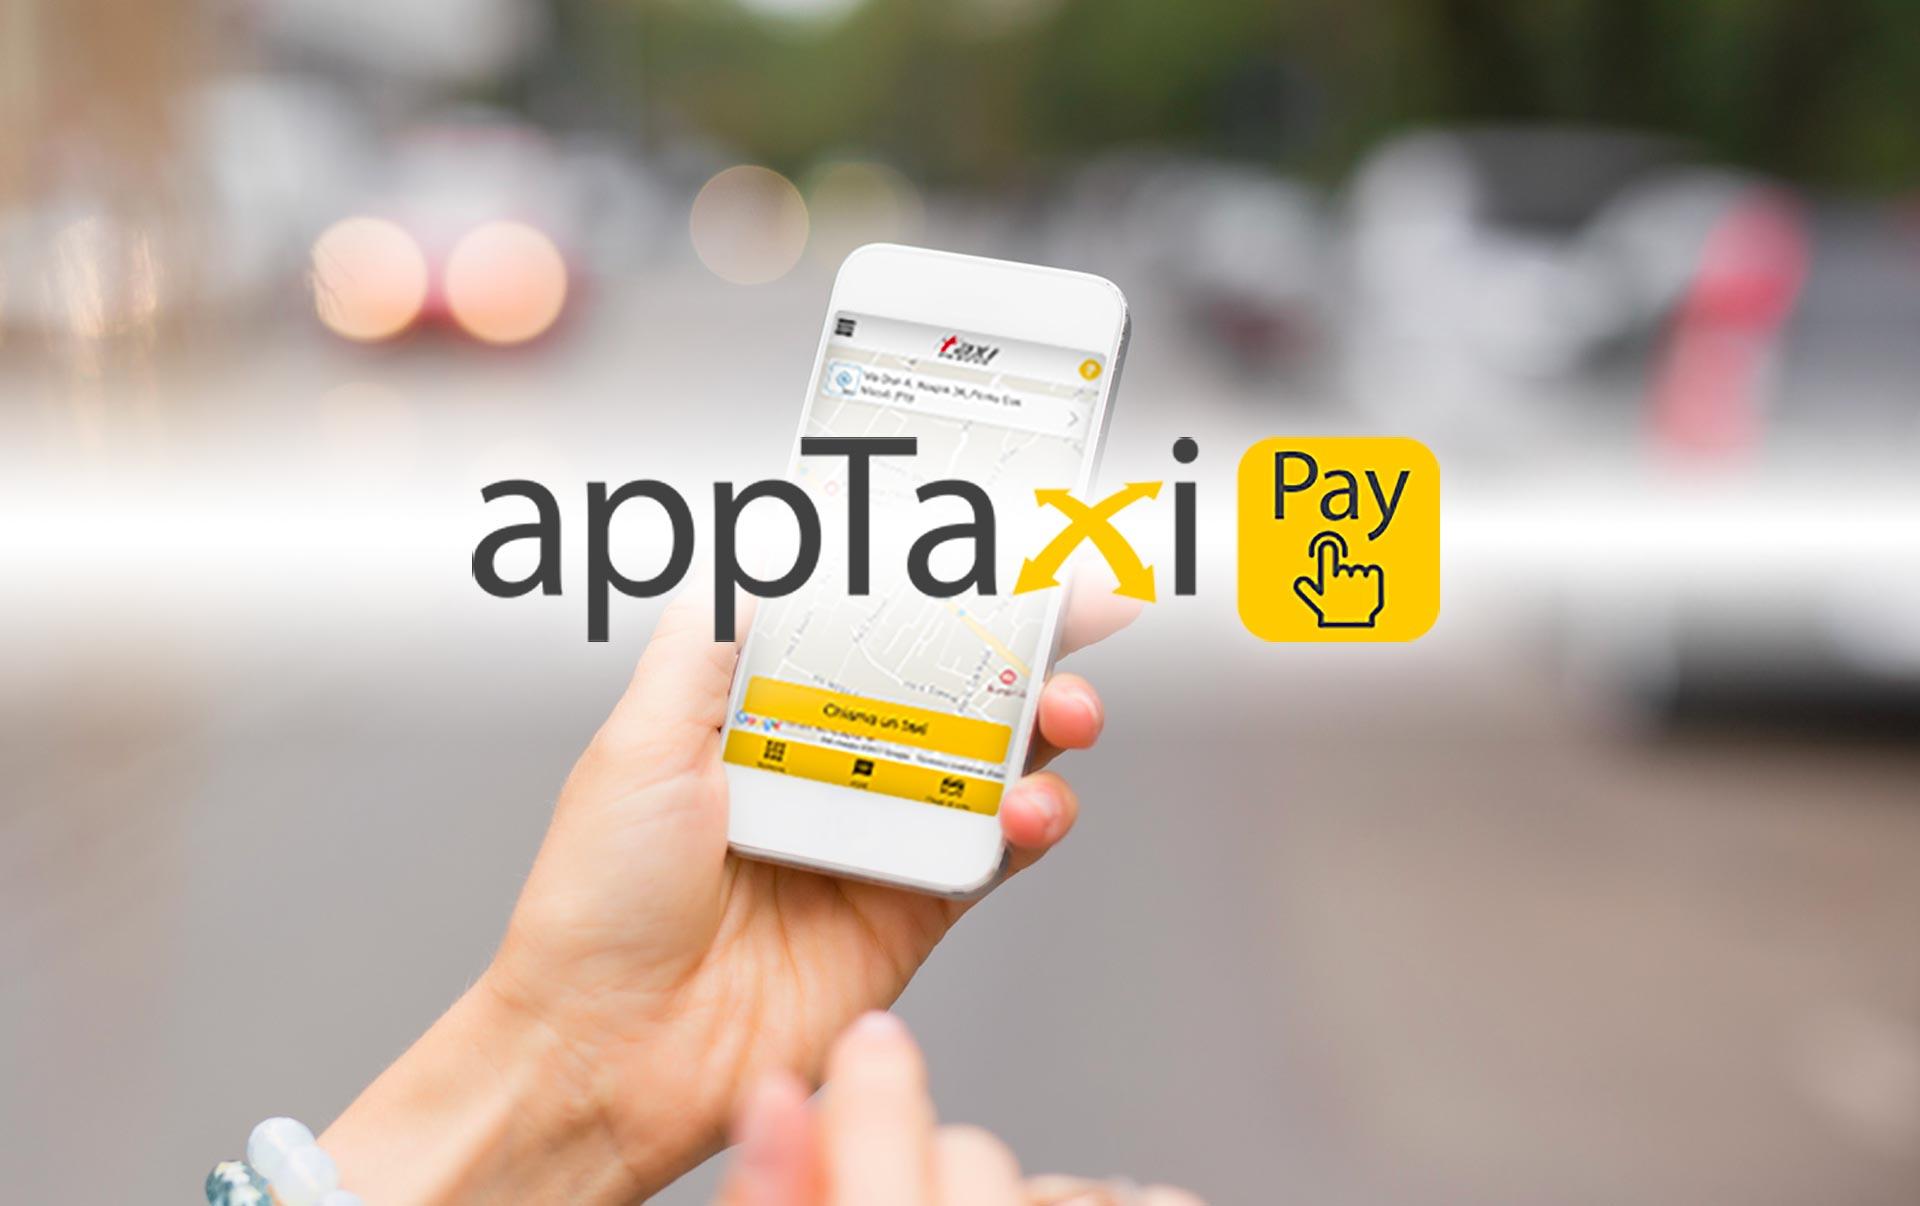 appTaxi paga il taxi al volo